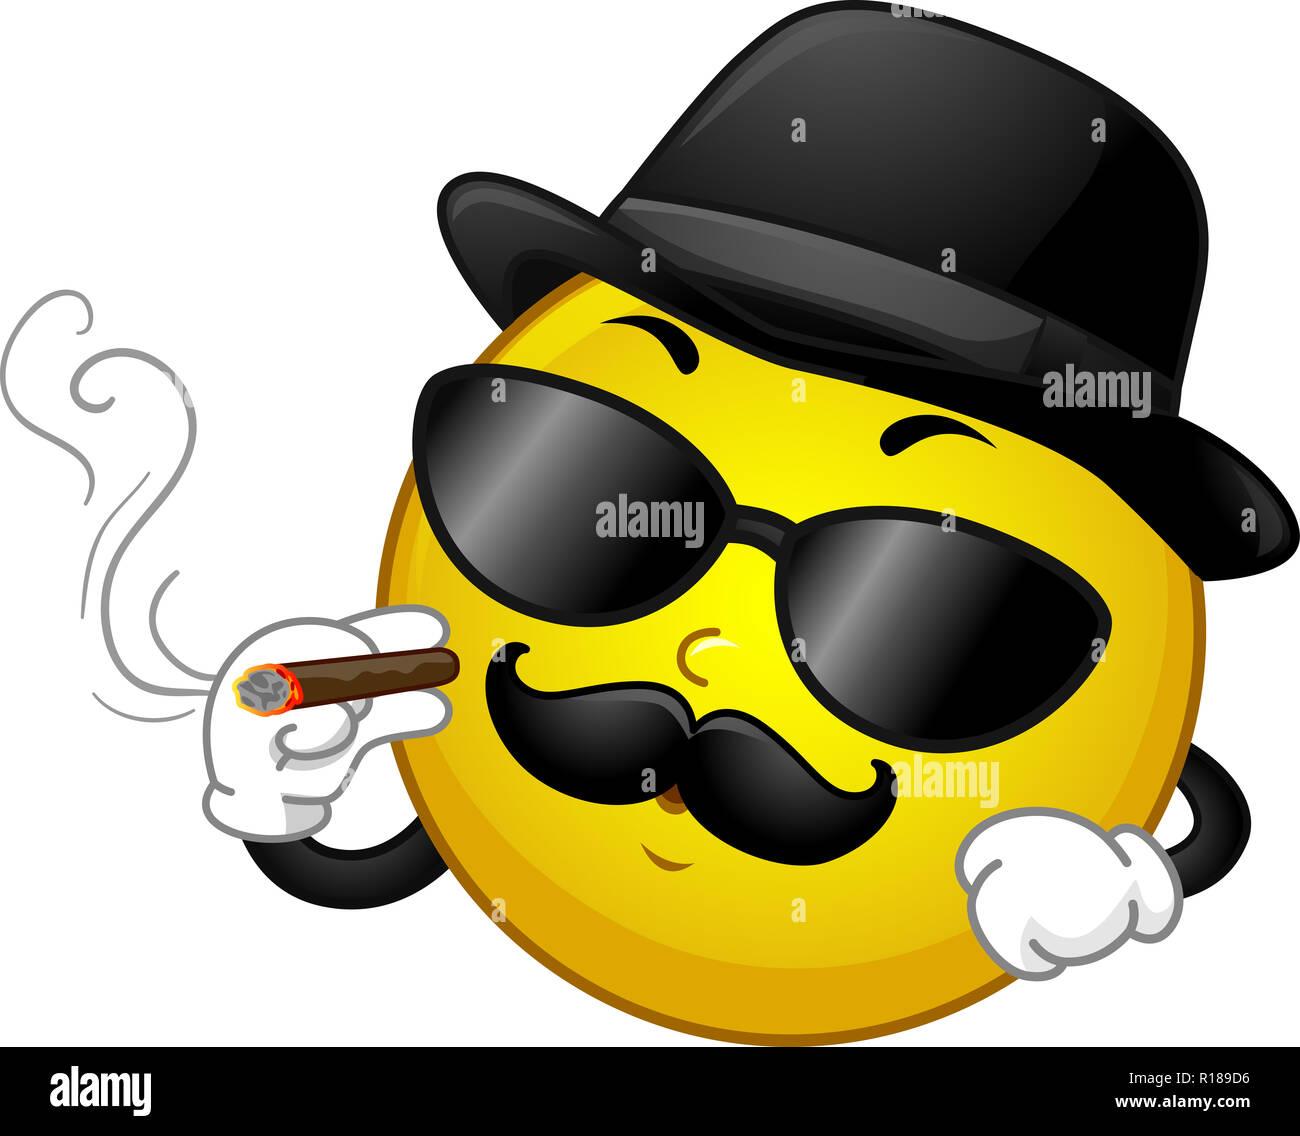 Ilustración de una mascota sonriente vistiendo trajes de la Mafia en Black  Hat 92147103f0c